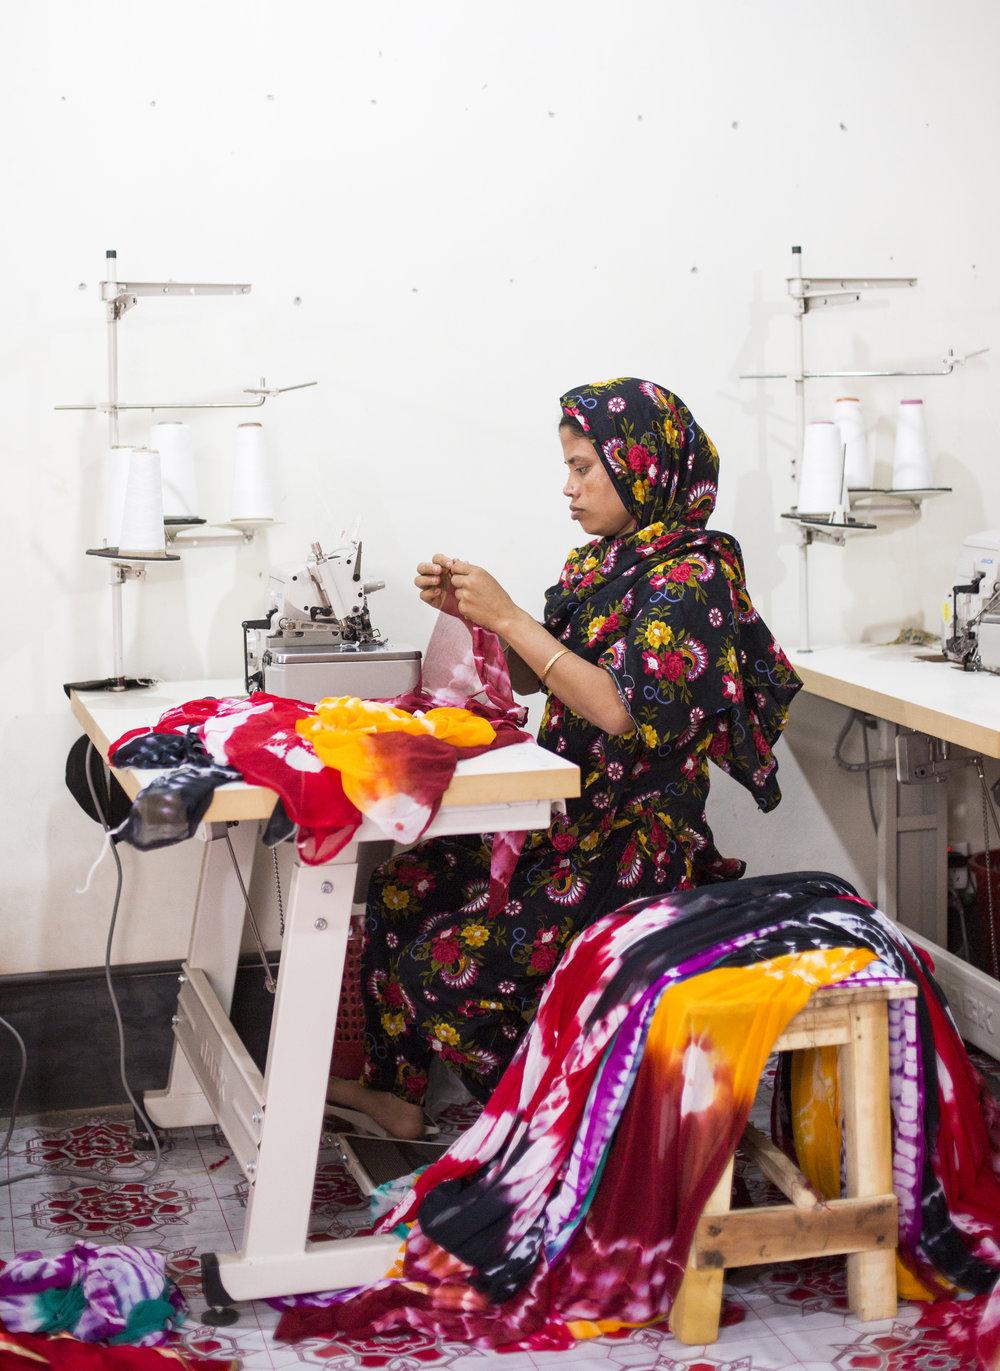 Pourquoi cette campagne ? - Vos vêtements ont fait un long voyage avant d'atteindre les rayons des magasins, passant entre les mains des producteurs de coton, des filateurs, des tisseurs, des teinturiers, des coutières et et bien d'autres. Environ 60 millions de personnes travaillent pour fabriquer nos vêtements. 80% d'entre elles sont des femmes âgées de 18 à 35 ans.En savoir plus